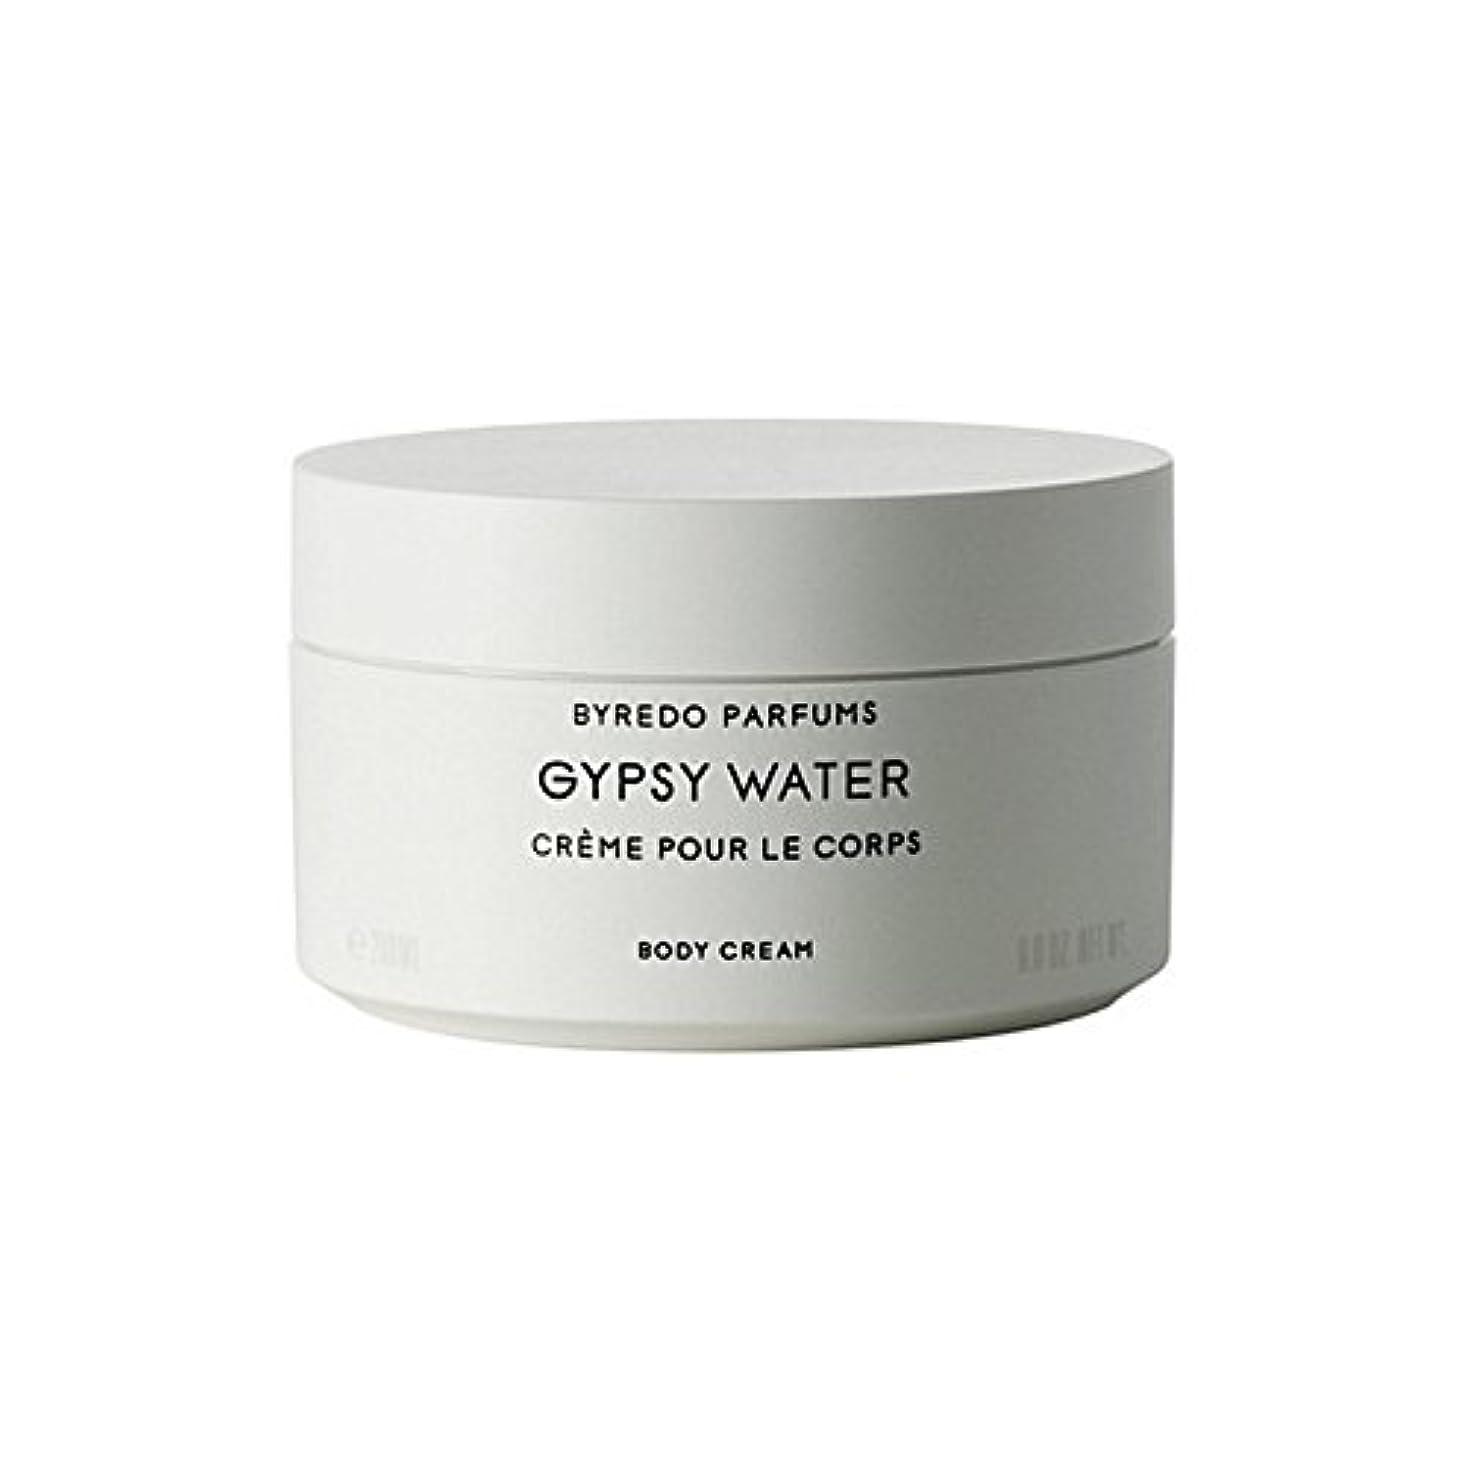 マッシュジュラシックパークジャーナリストByredo Gypsy Water Body Cream 200ml - ジプシー水ボディクリーム200ミリリットル [並行輸入品]